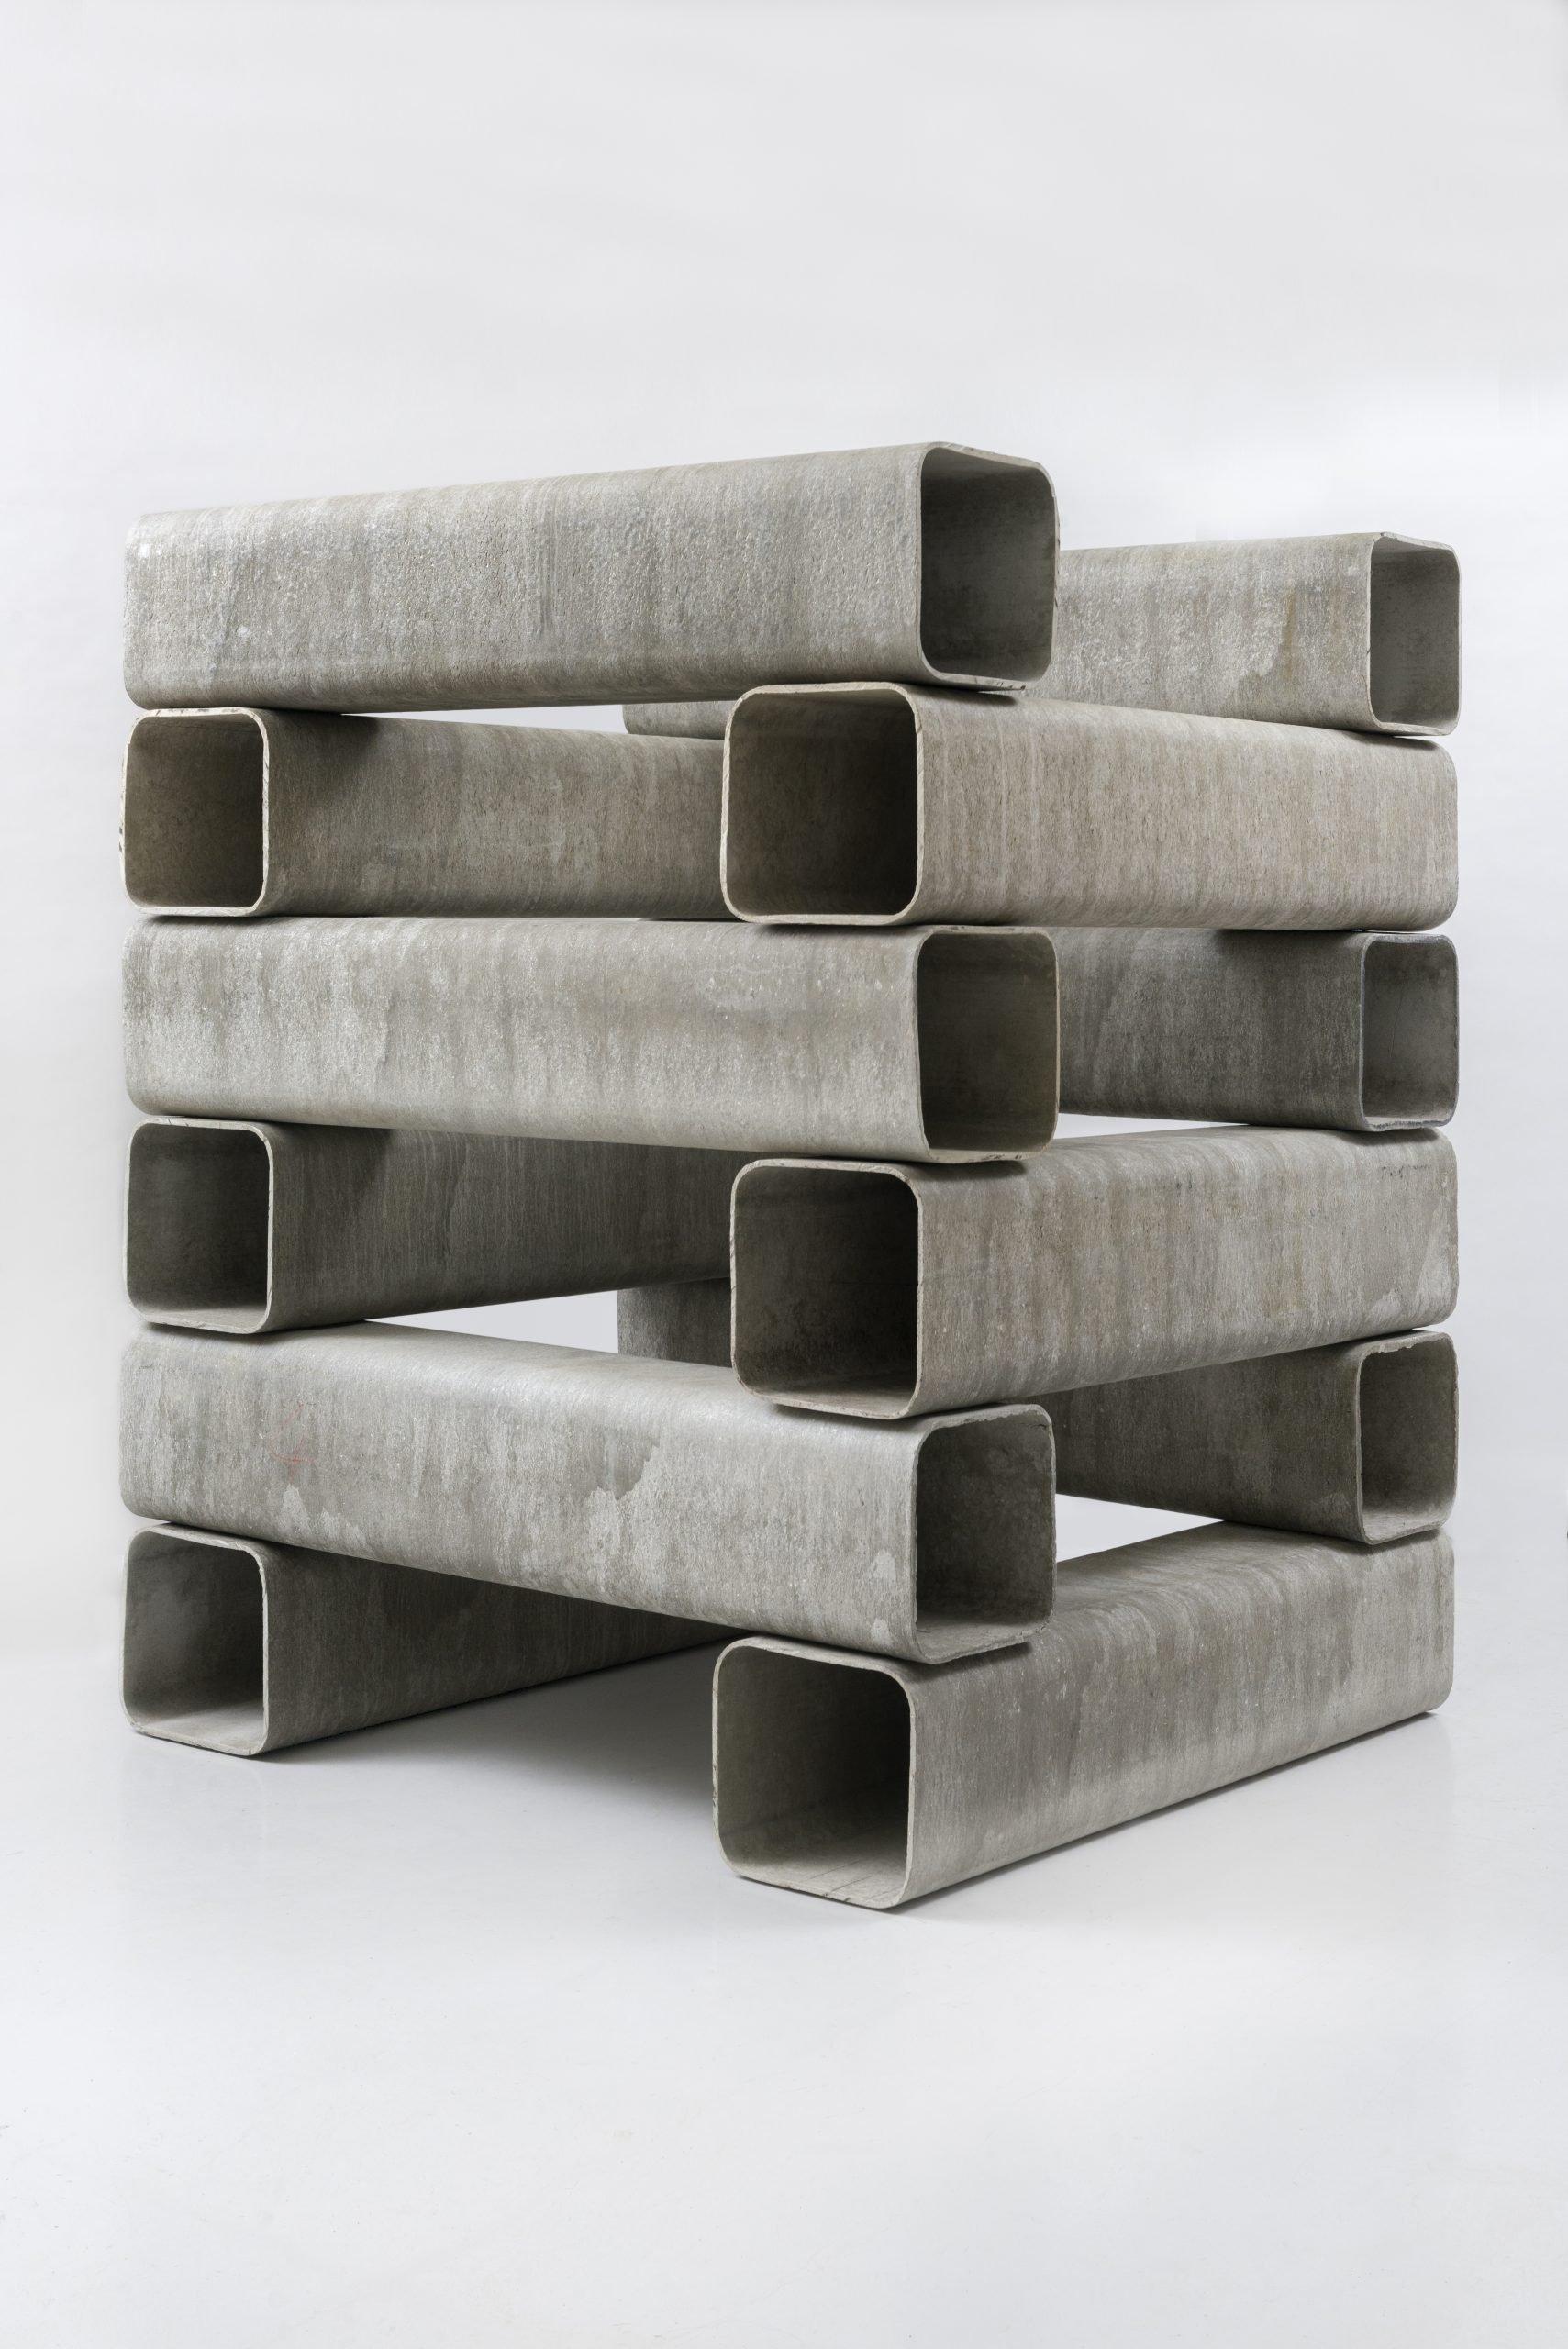 Alighiero Boetti,  Catasta, 1967-92, 187x150x150 cm